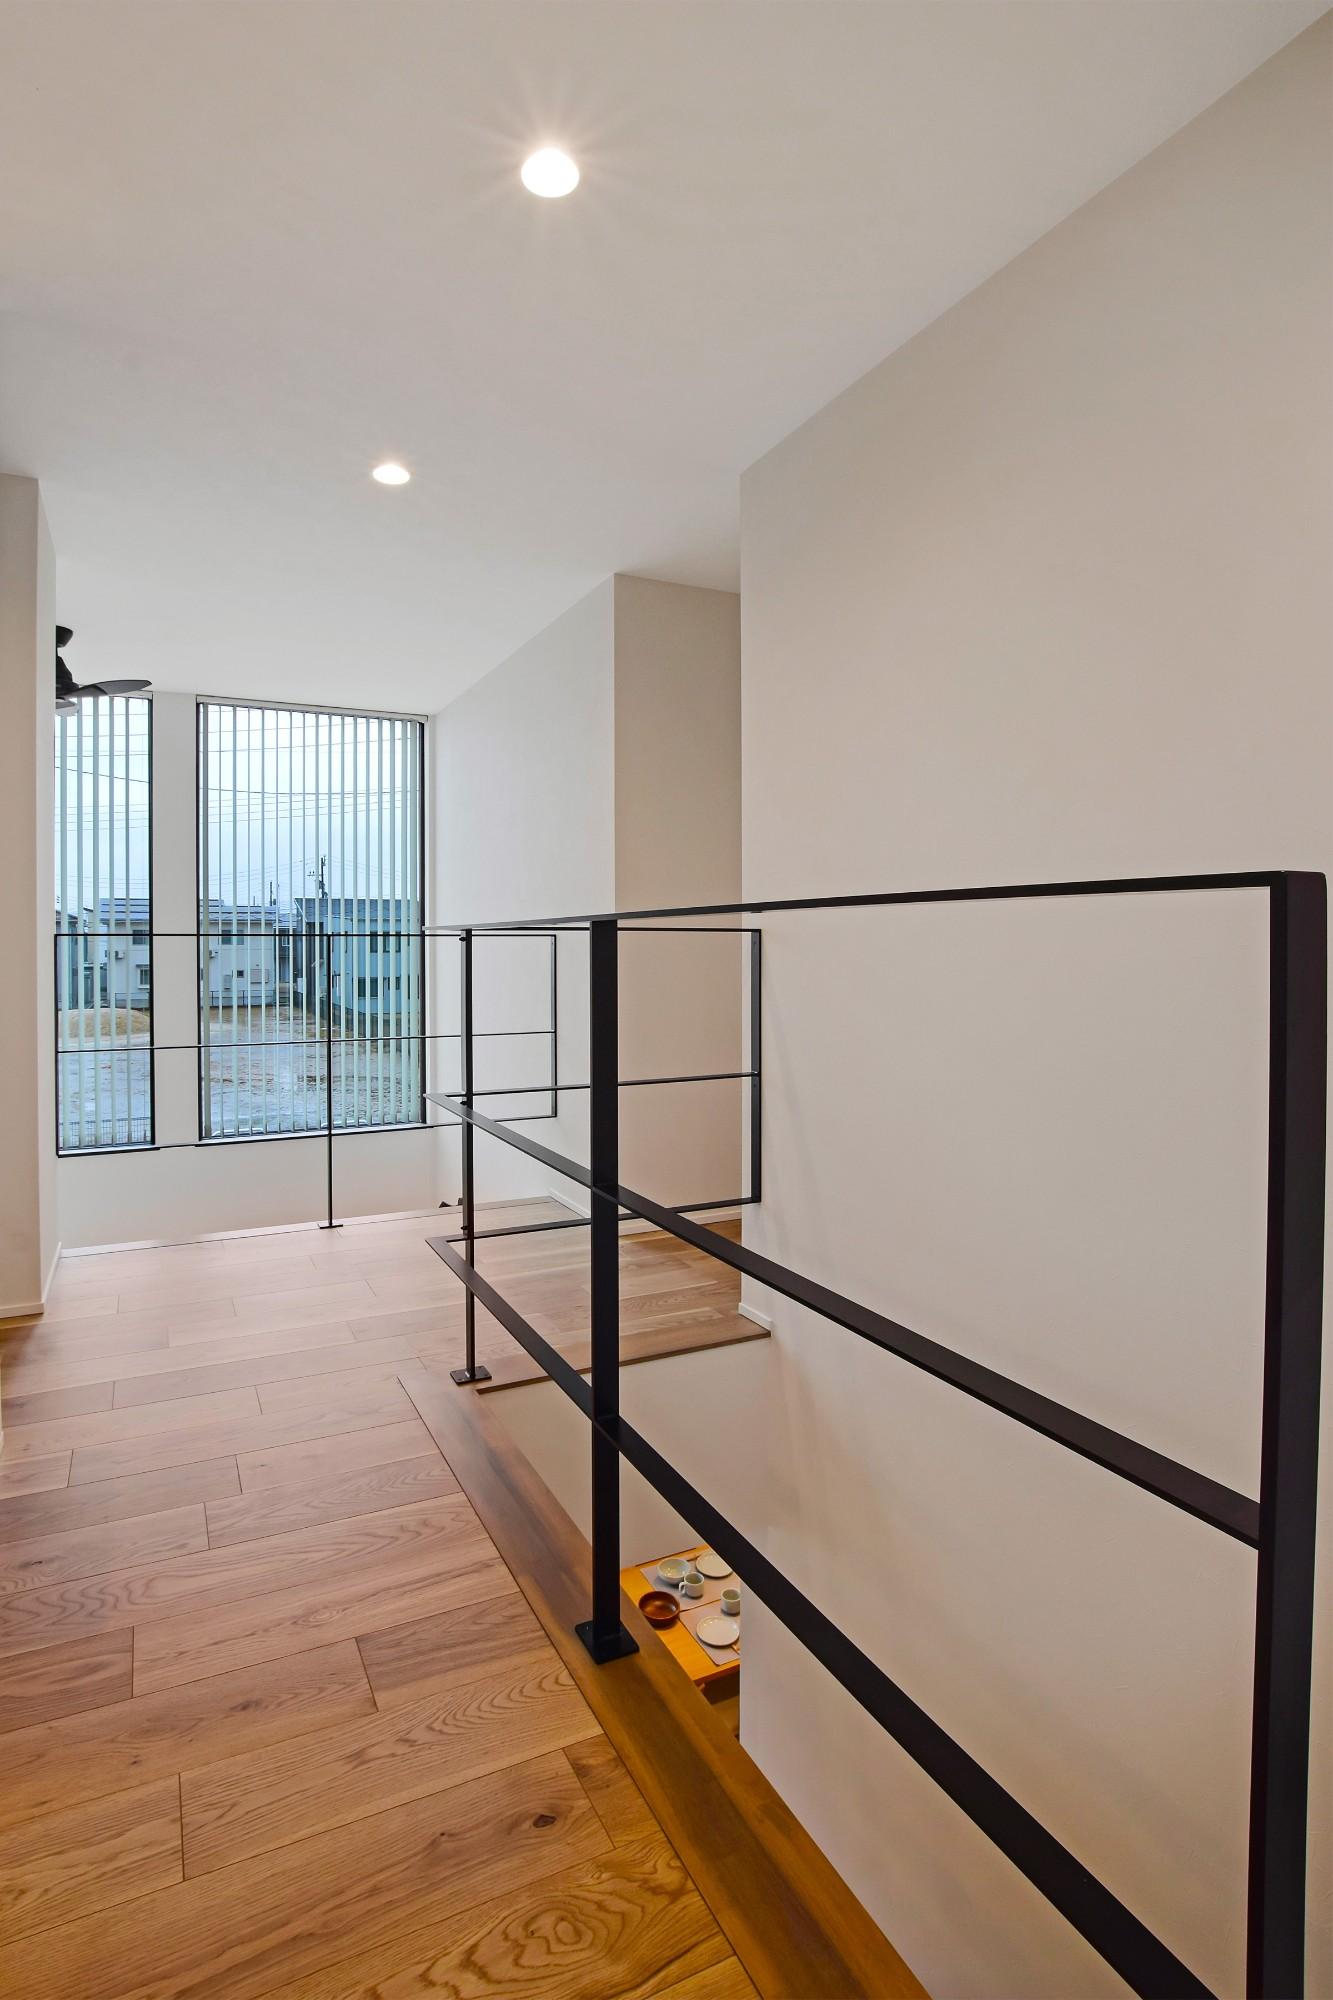 DETAIL HOME(ディテールホーム)「内と外がつながる吹抜け大開口の住まい」のヴィンテージな廊下の実例写真